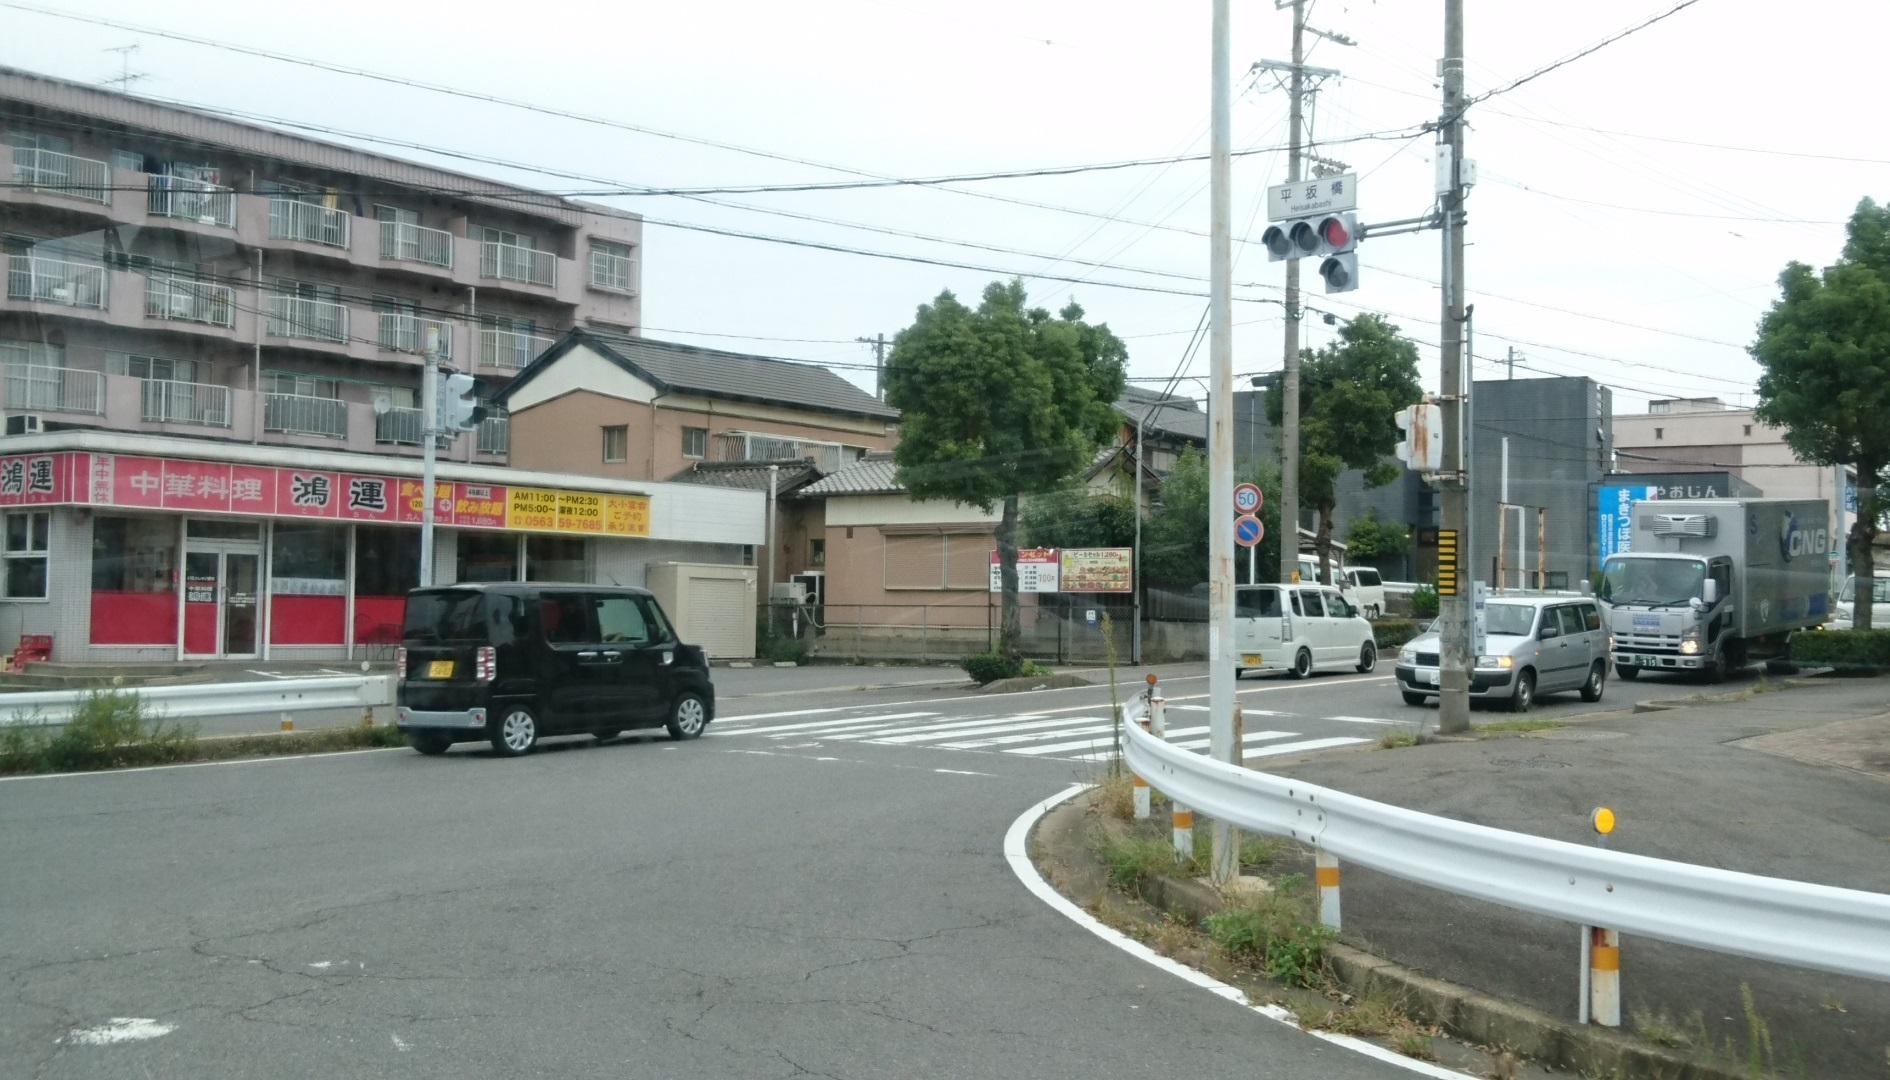 2017.9.27 平坂 (65) 平坂・中畑線バス - 平坂橋交差点を右折 1890-1080